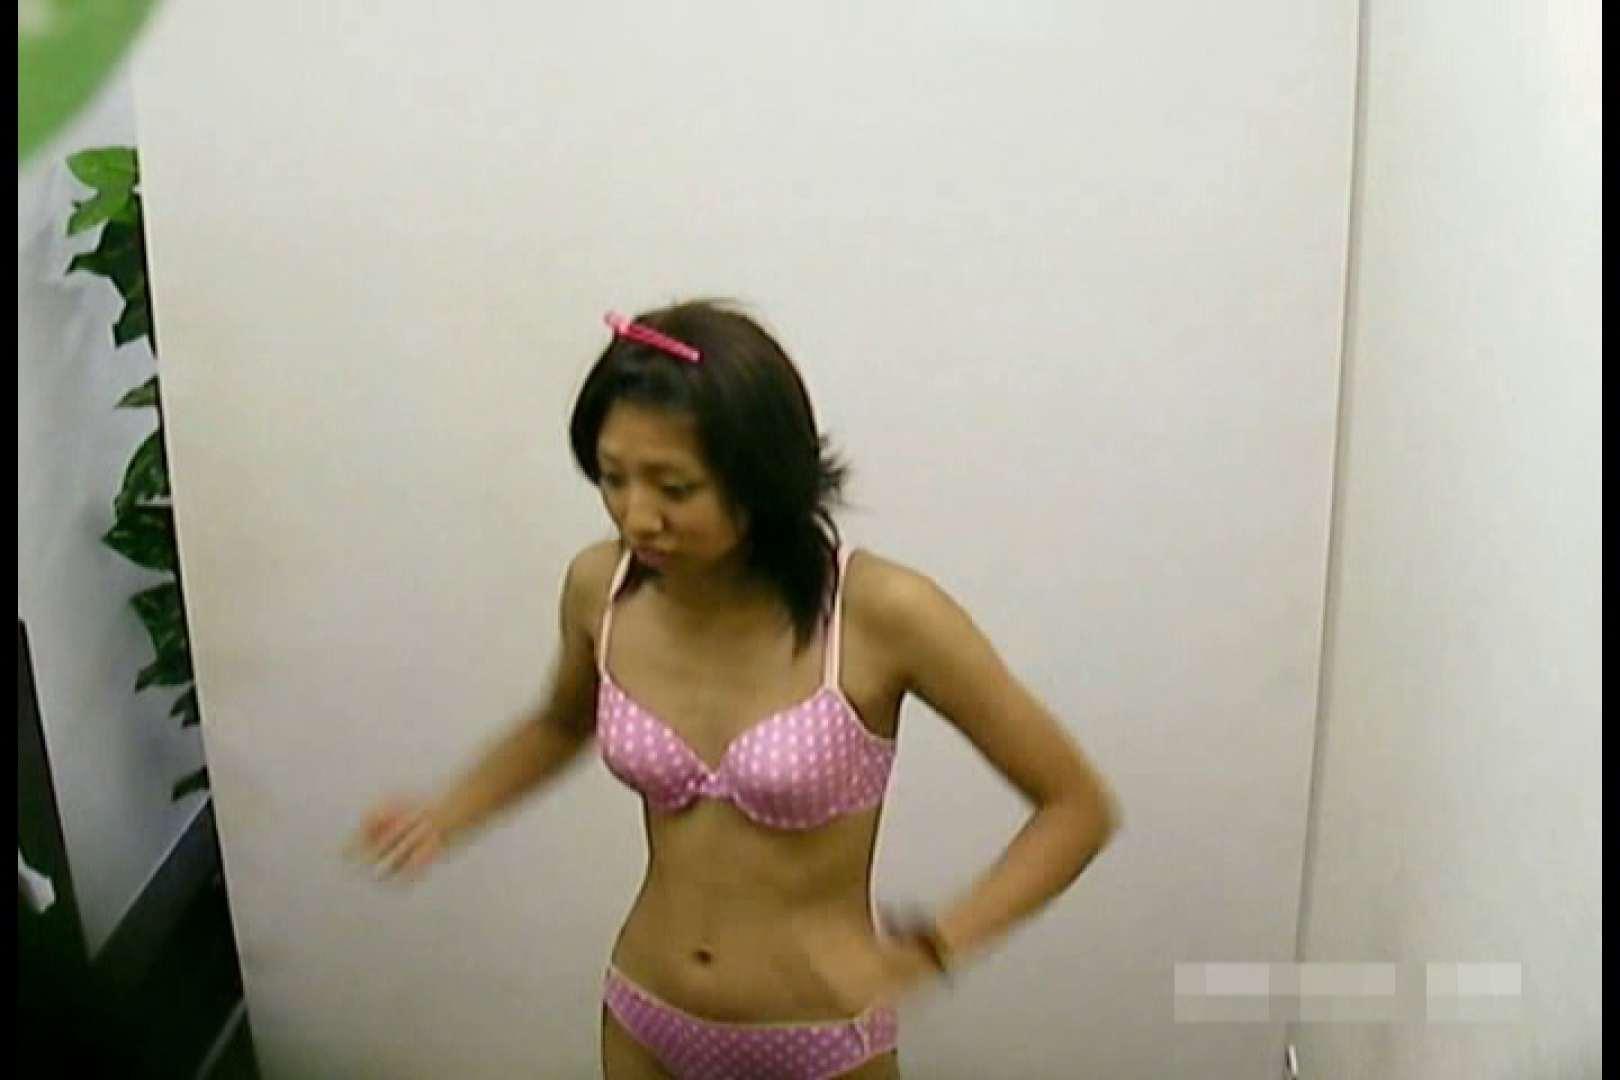 素人撮影 下着だけの撮影のはずが・・・エミちゃん18歳 隠撮   盗撮  107pic 19